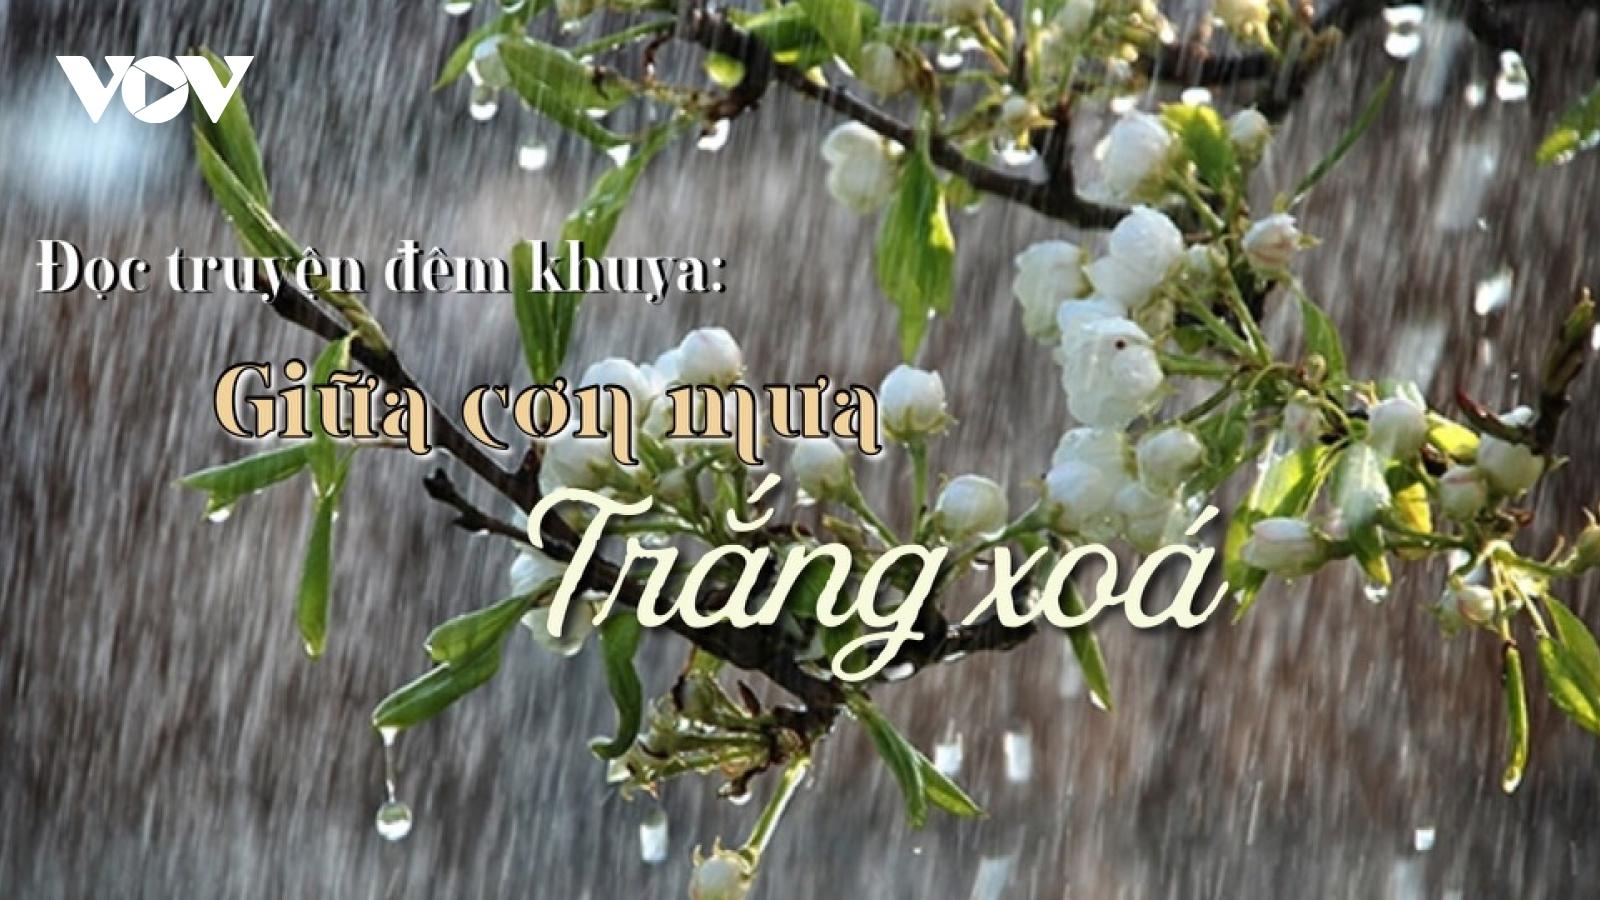 """Truyện ngắn """"Giữa cơn mưa trắng xoá"""" - Níu giữ văn hoá buôn làng"""